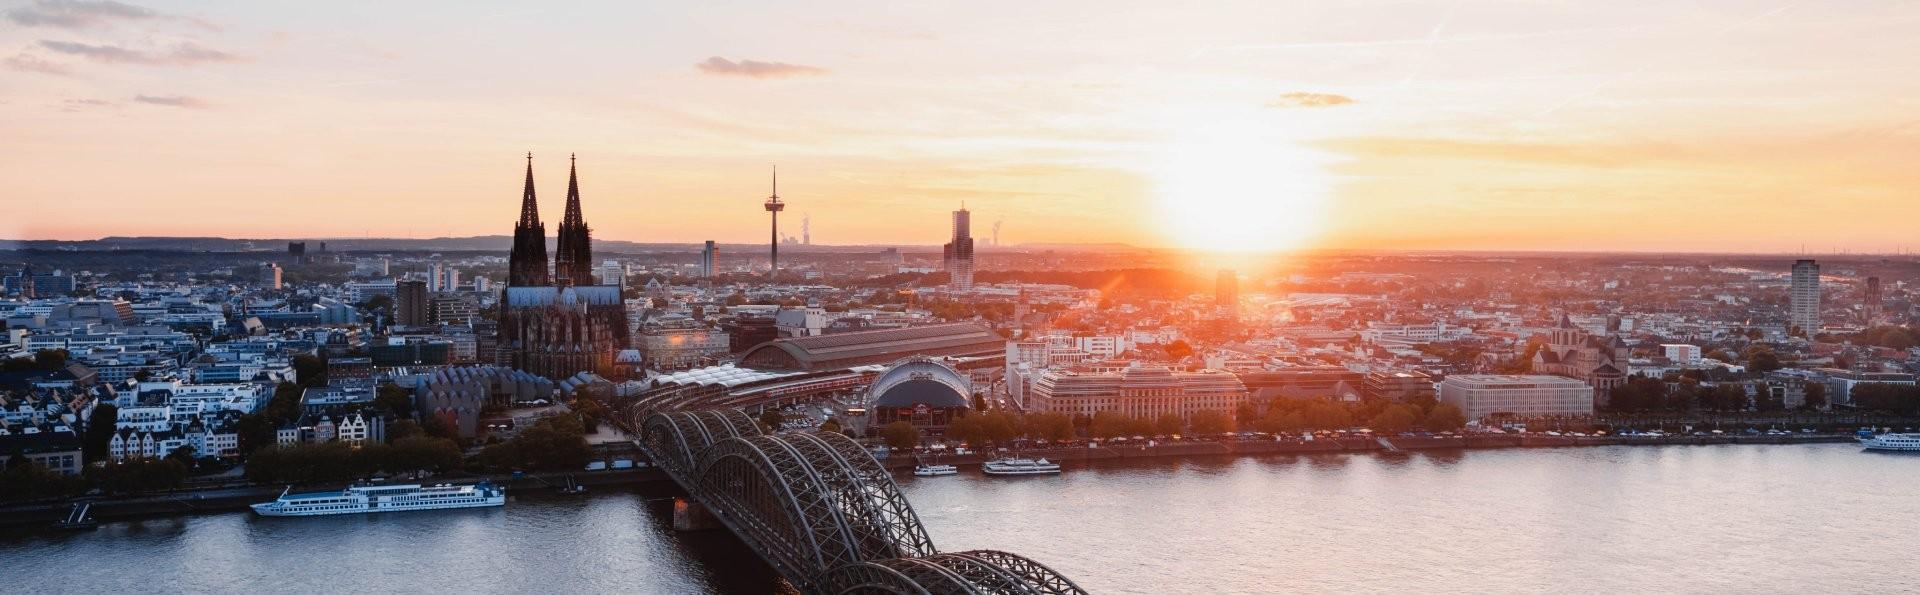 Immer verbunden mit dem Haustelefonbuch der Bezirksregierung Köln